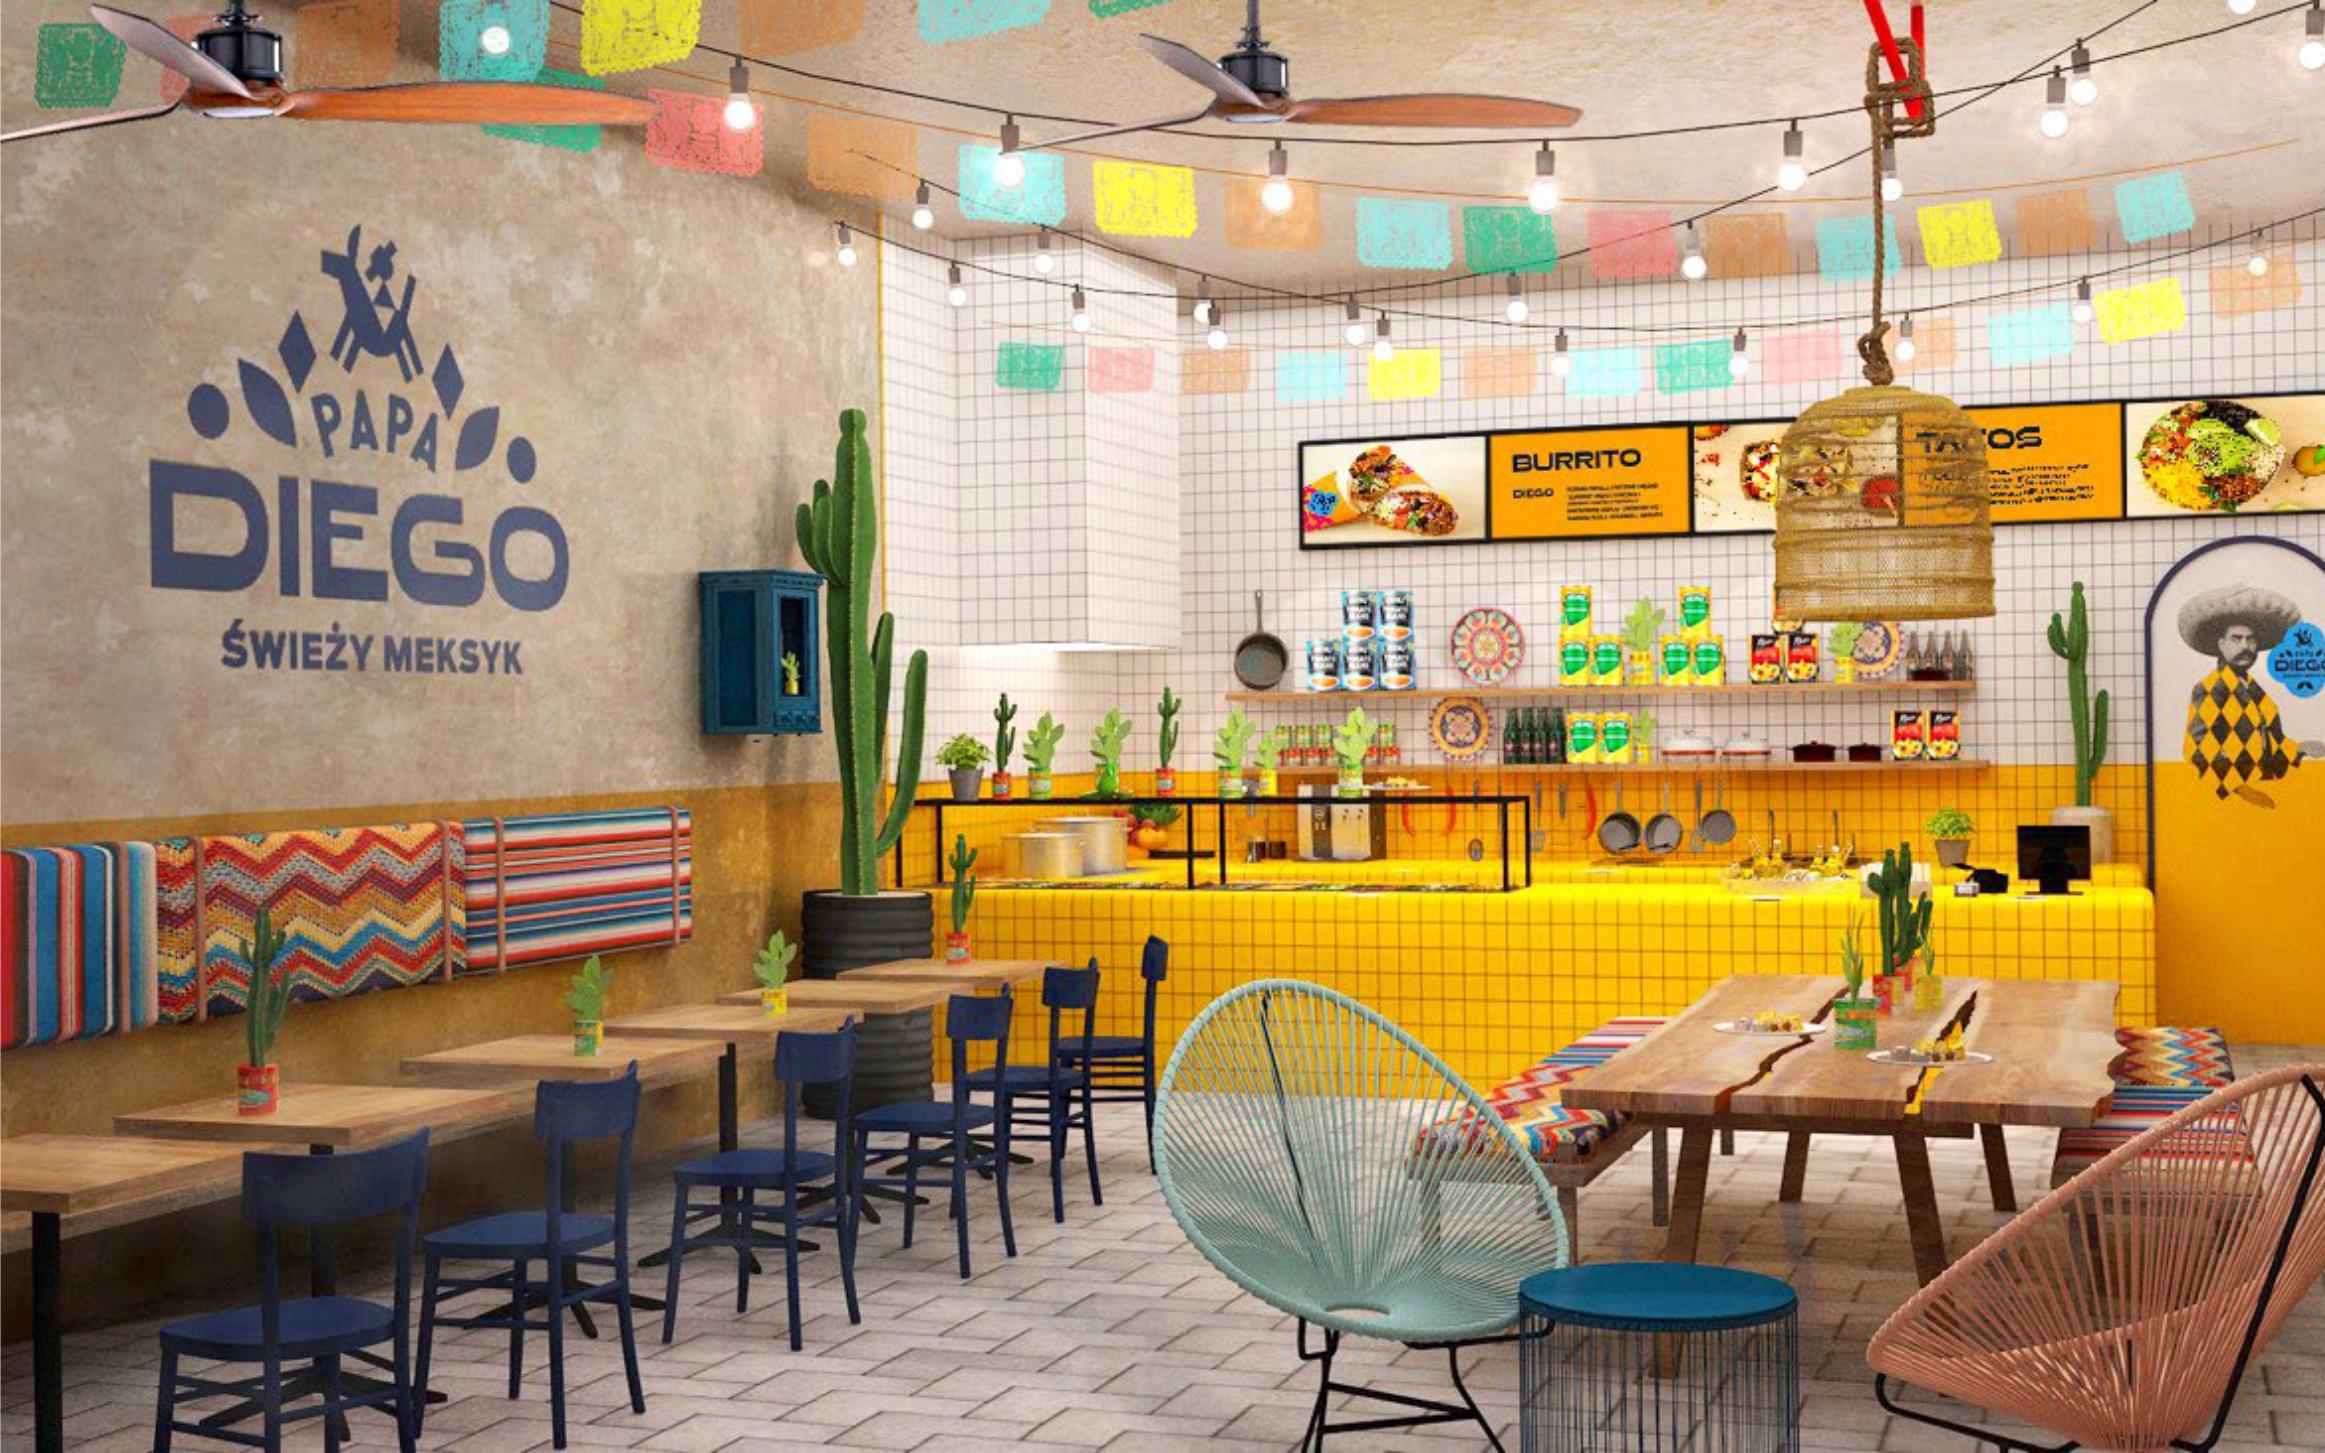 Papa Diego – koncept sieci z kuchnią meksykańską.